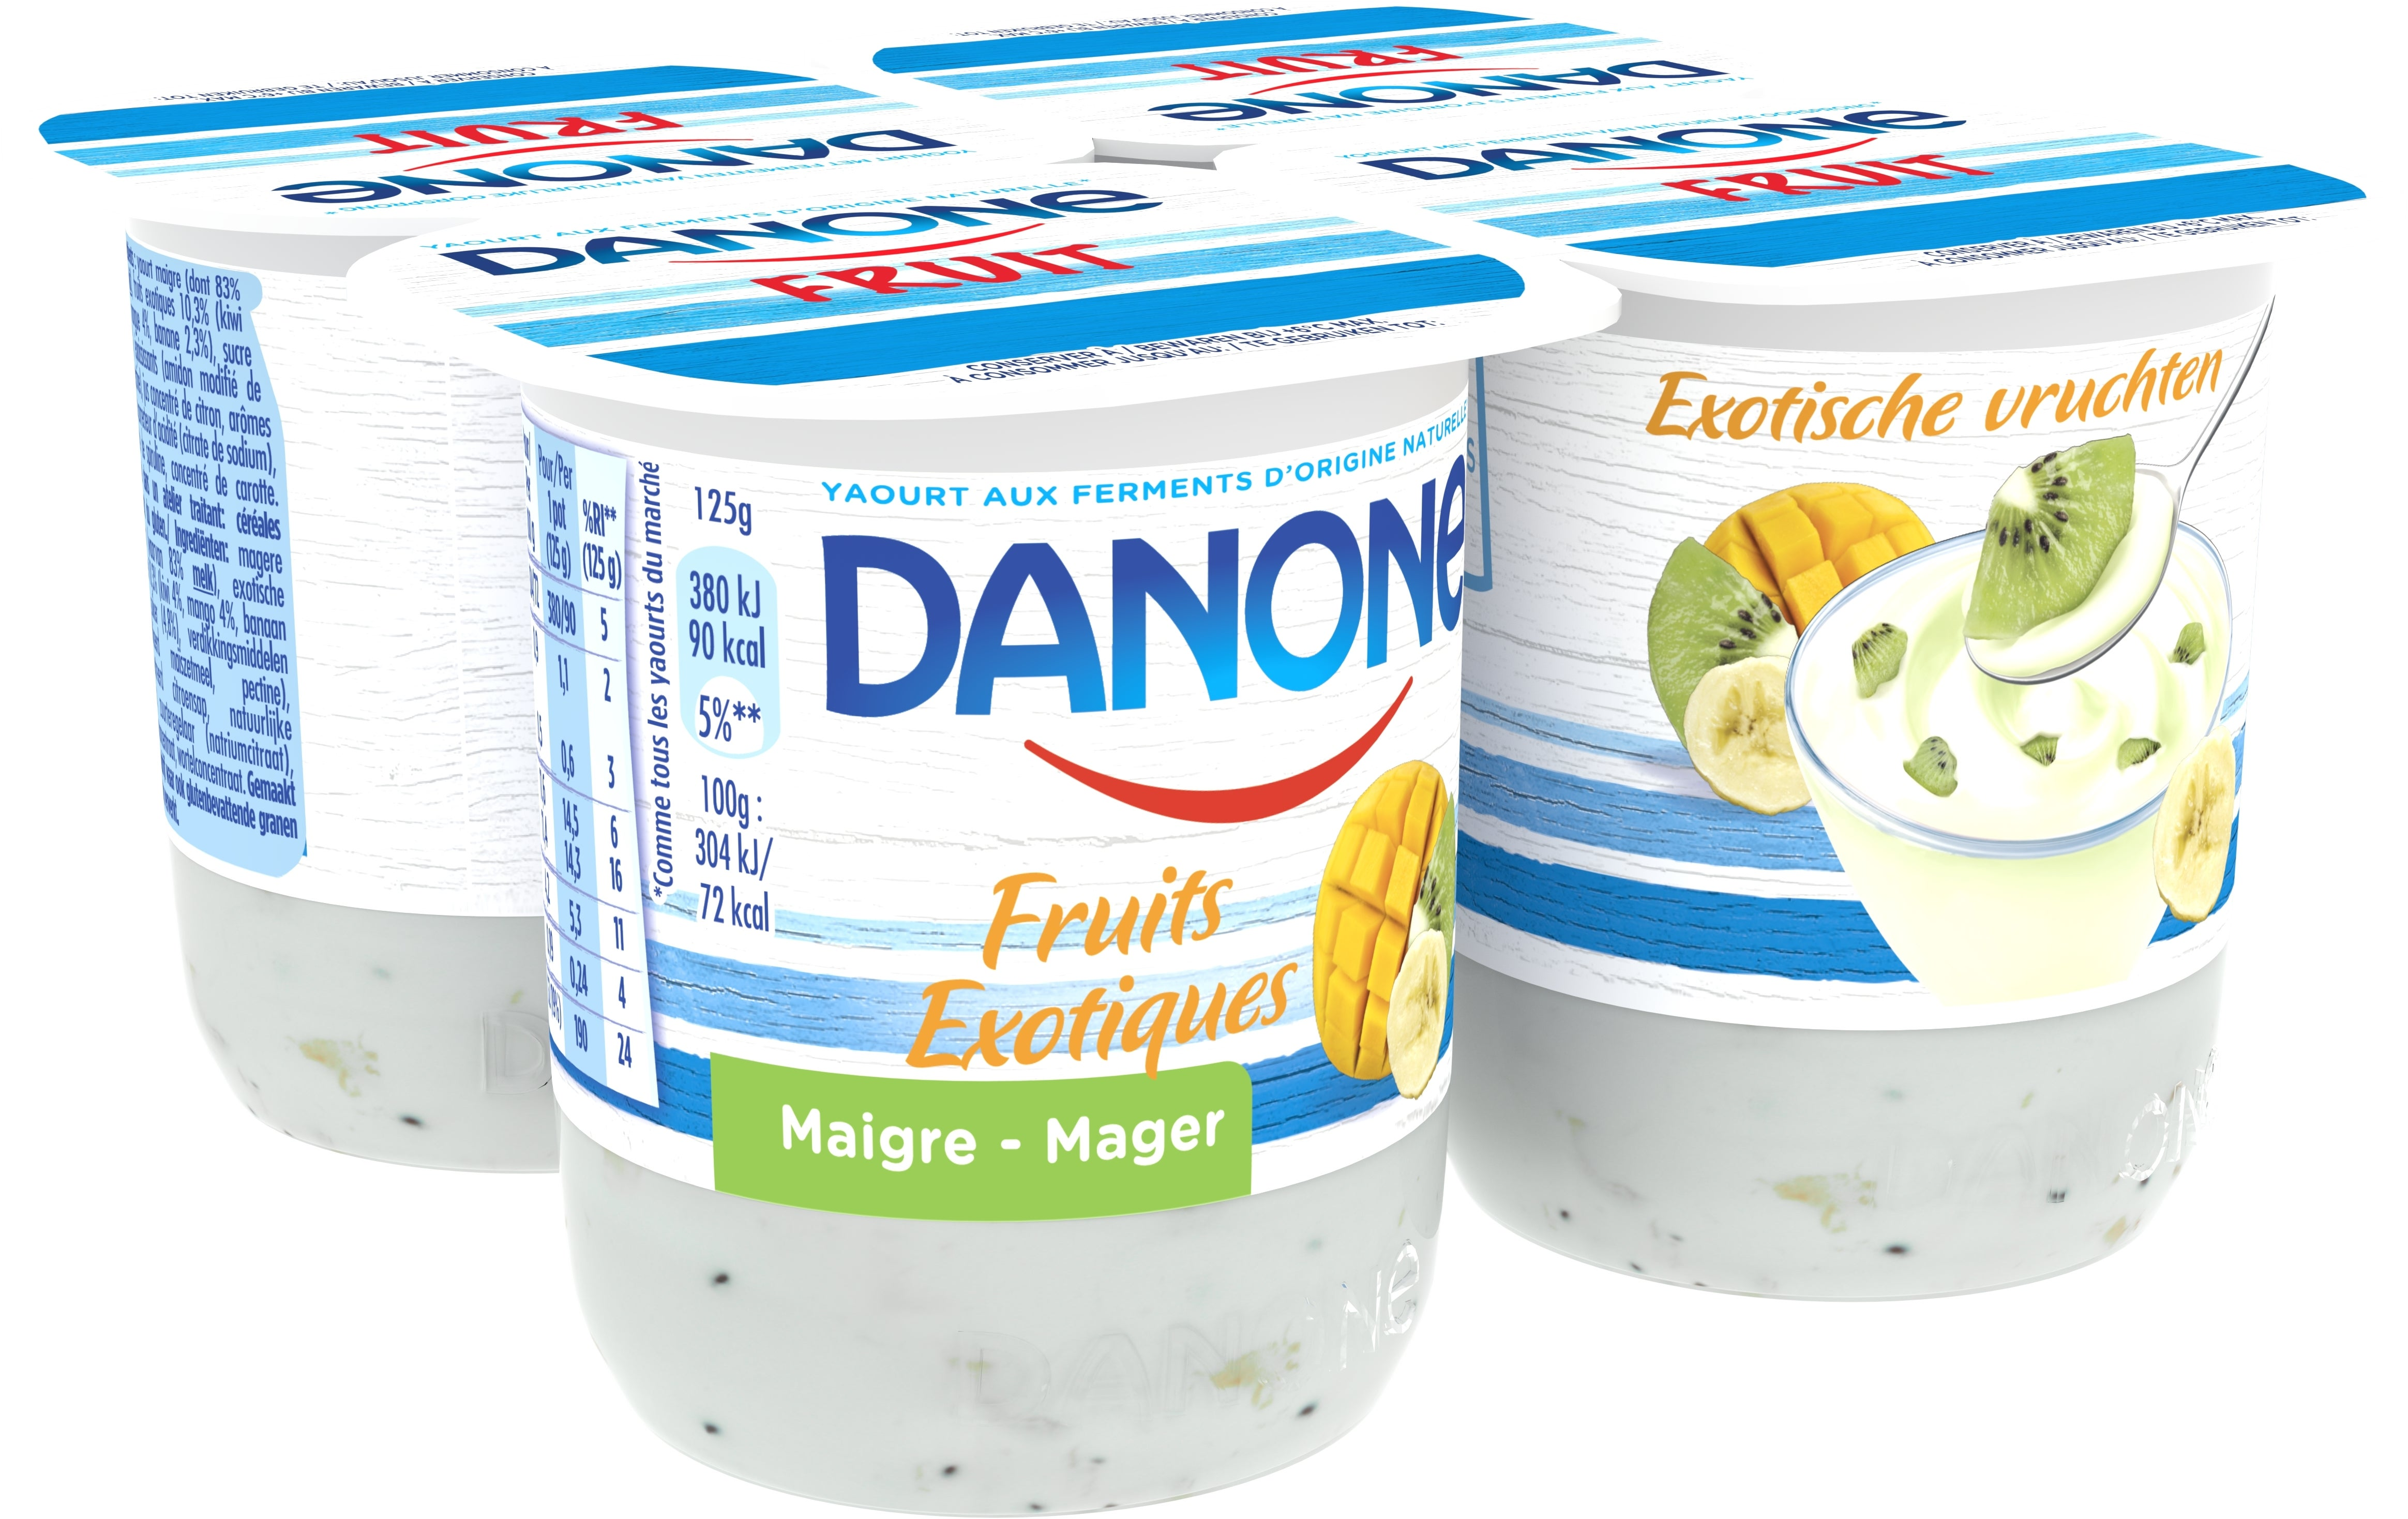 Danone aux Fruits - Fruits Exotiques